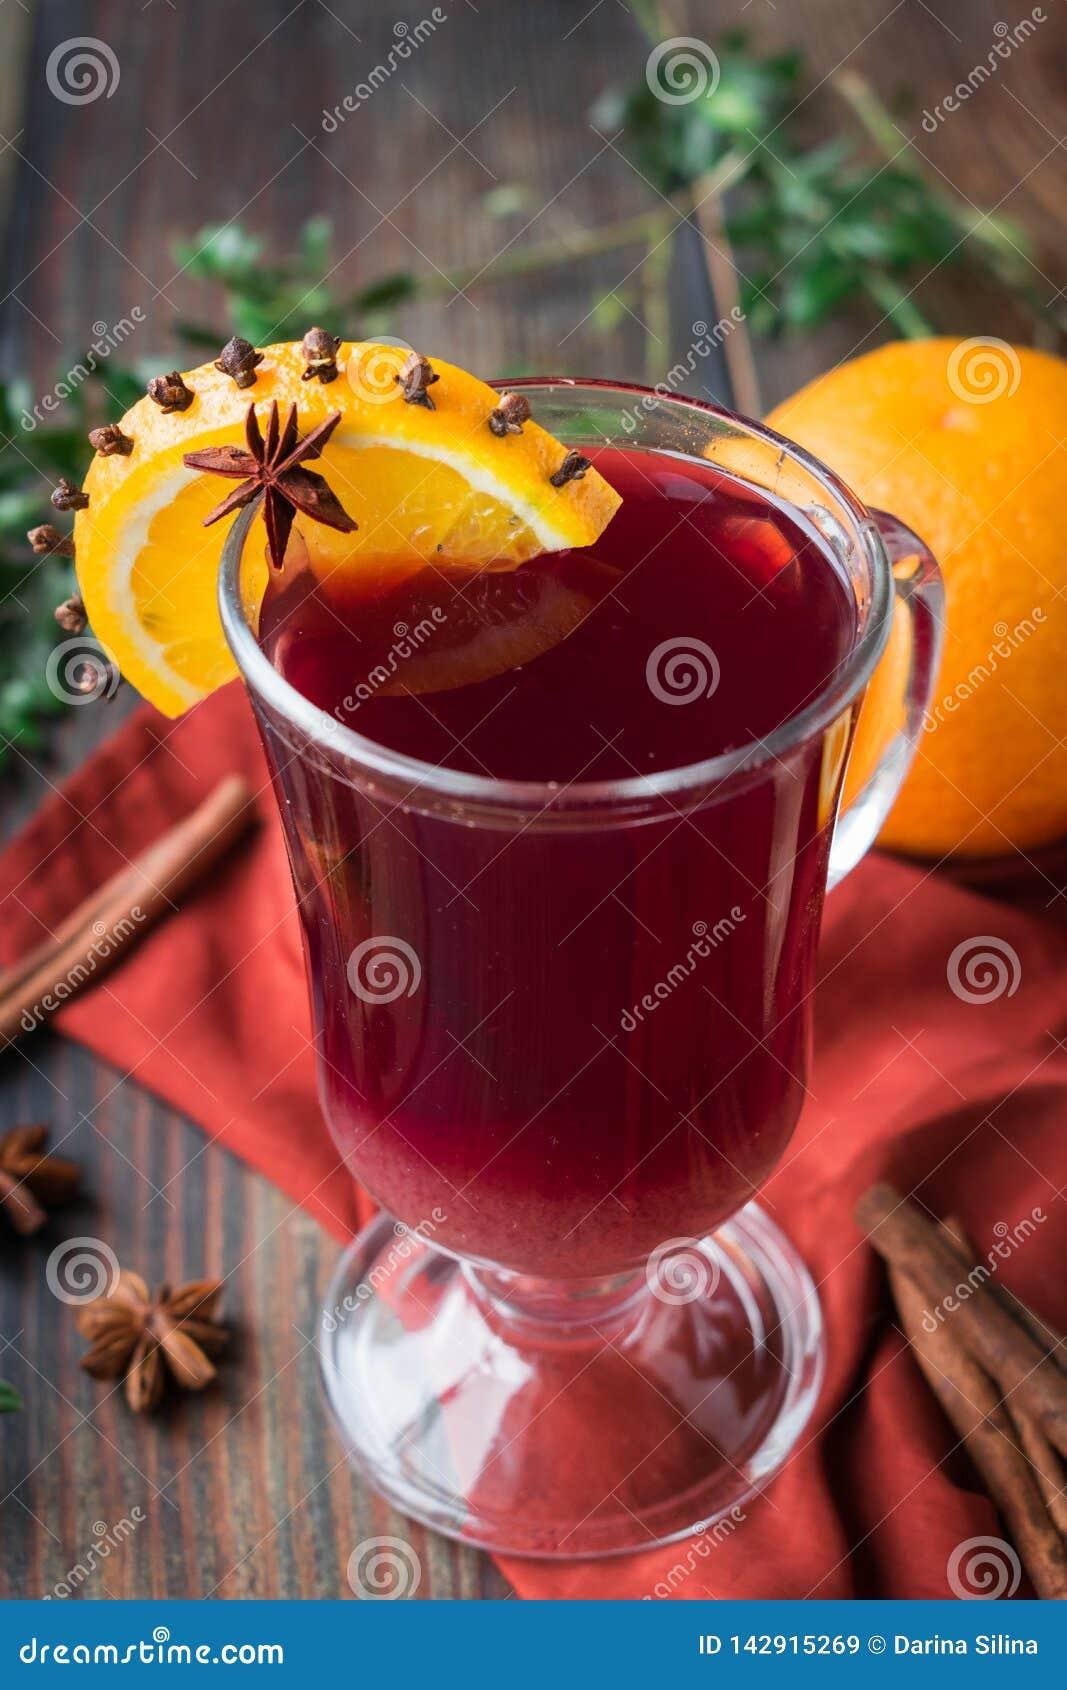 Nicht alkoholischer Glühwein vom Traubensaft mit Orange und Gewürzen in einem Glasbecher